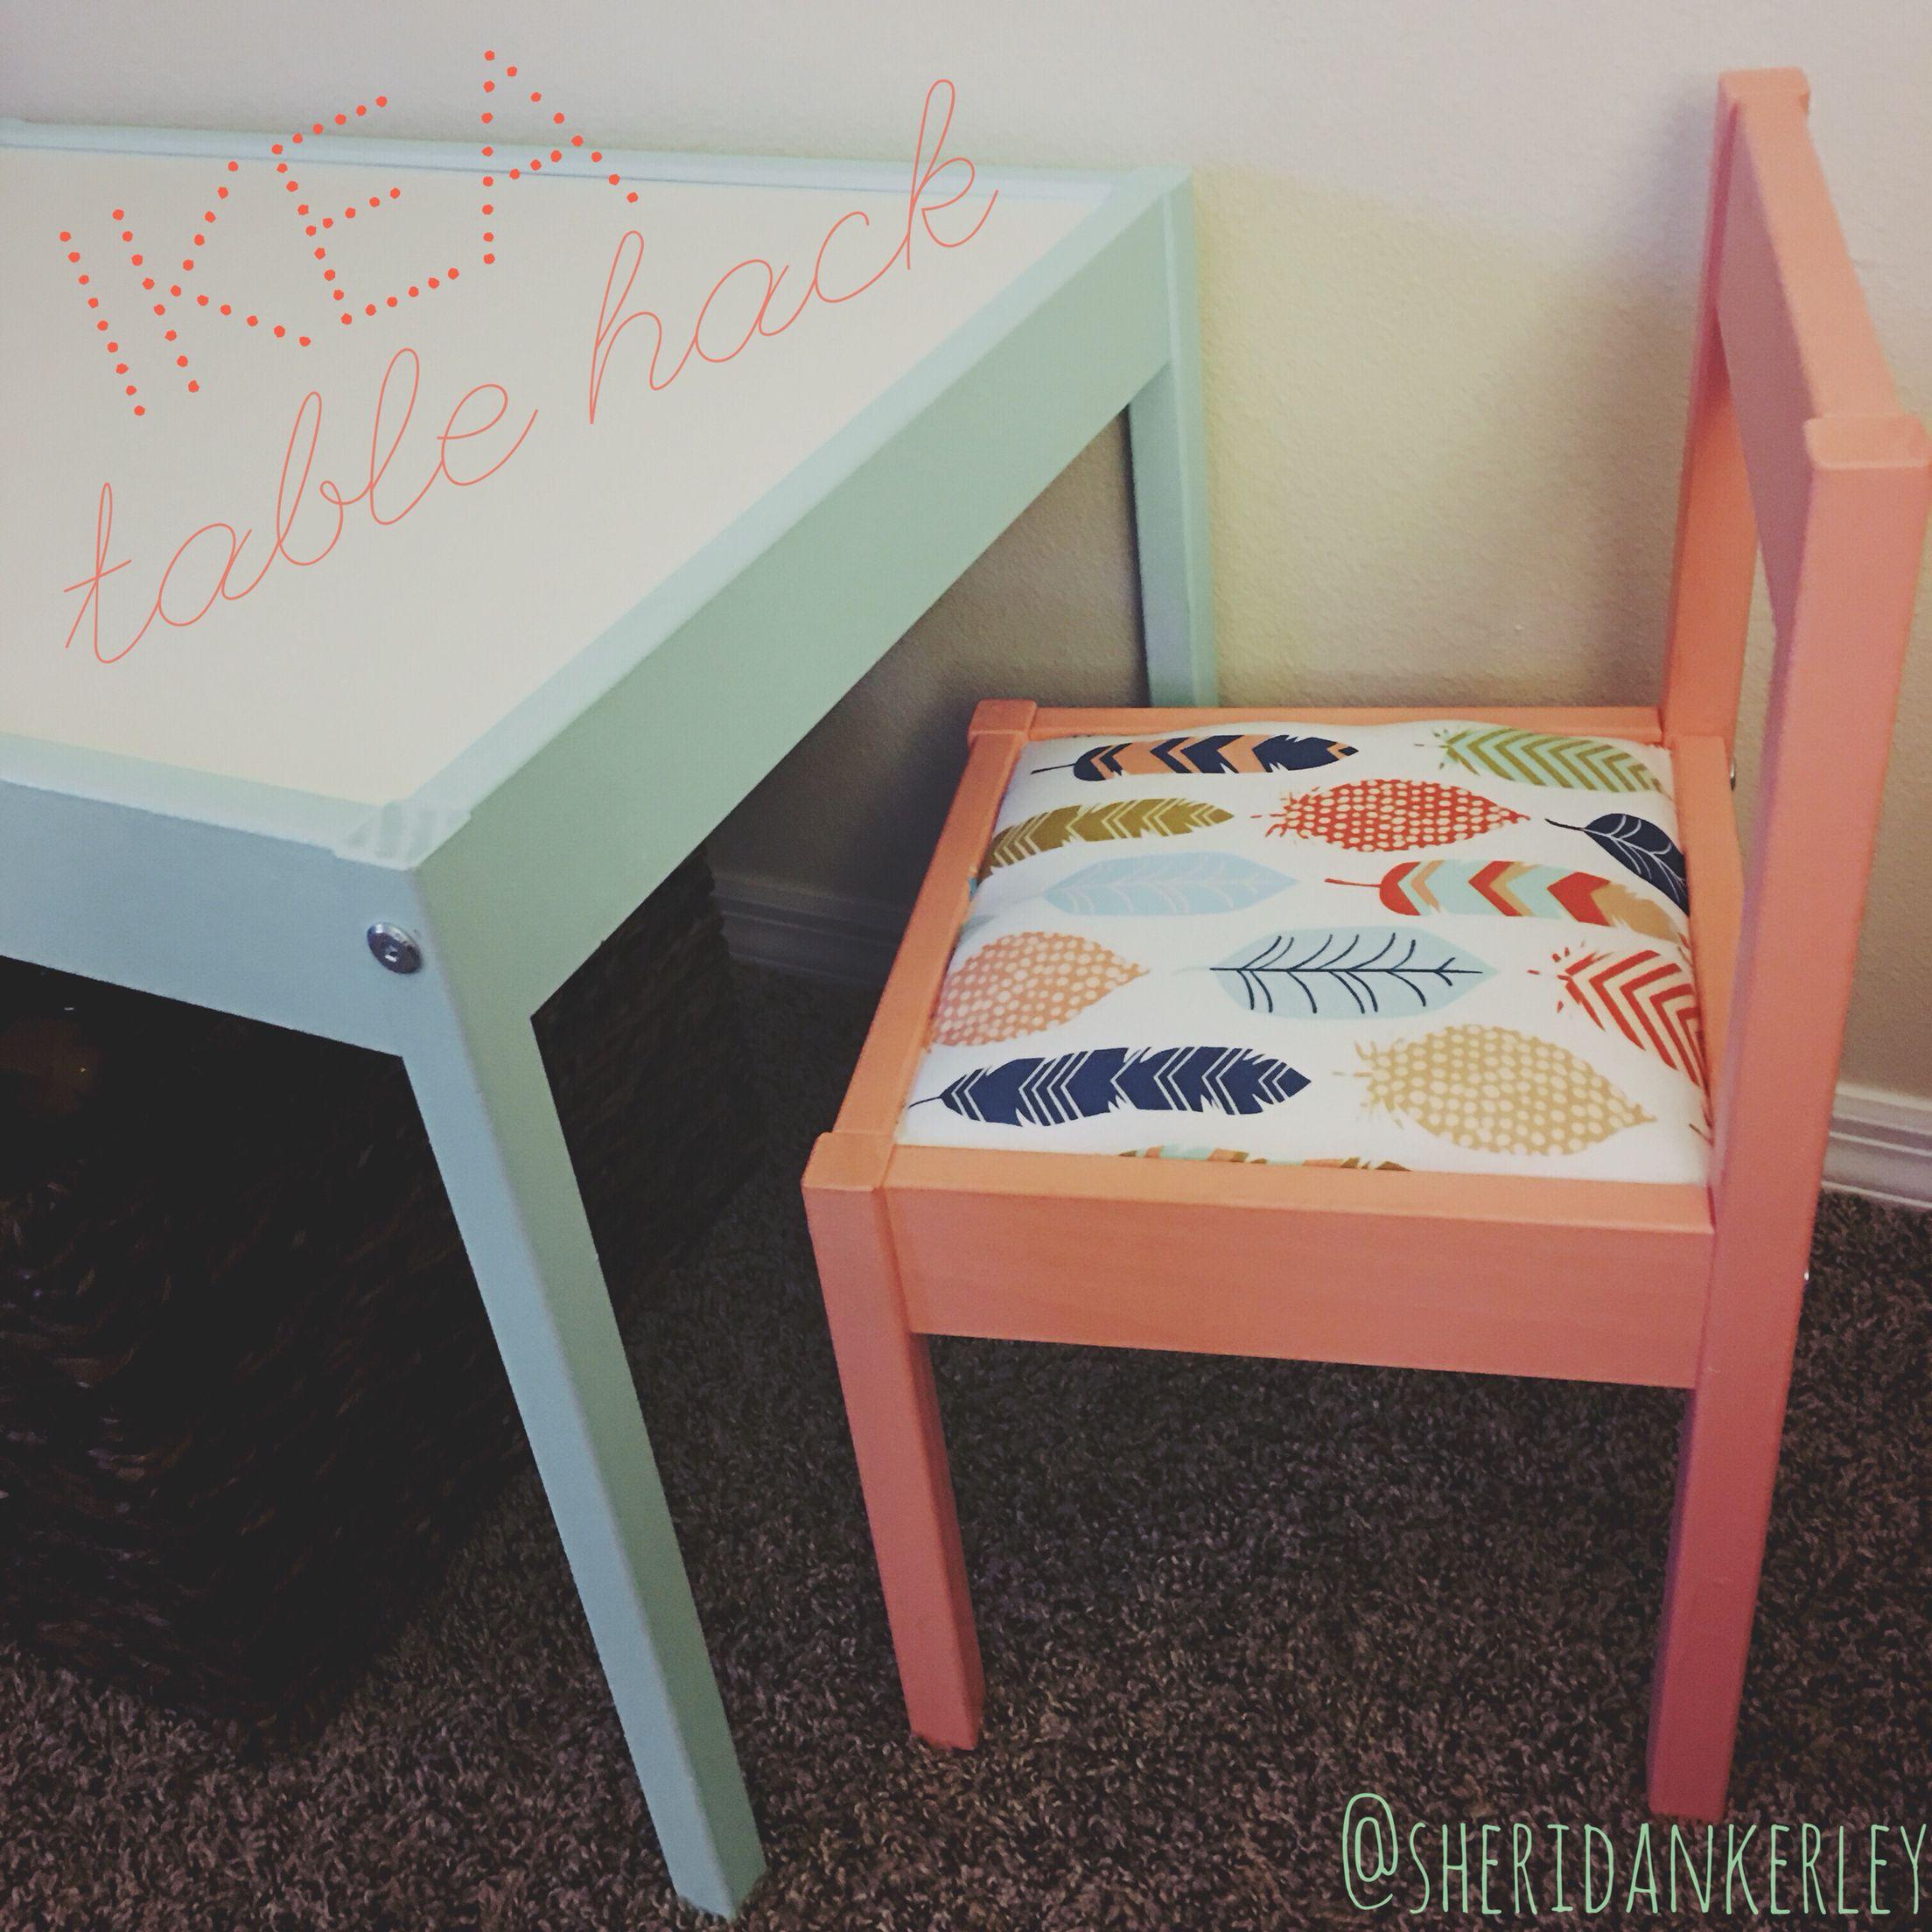 ikea playroom furniture. IKEA Latt Table Hack | @SheridanKerley Ikea Playroom Furniture A